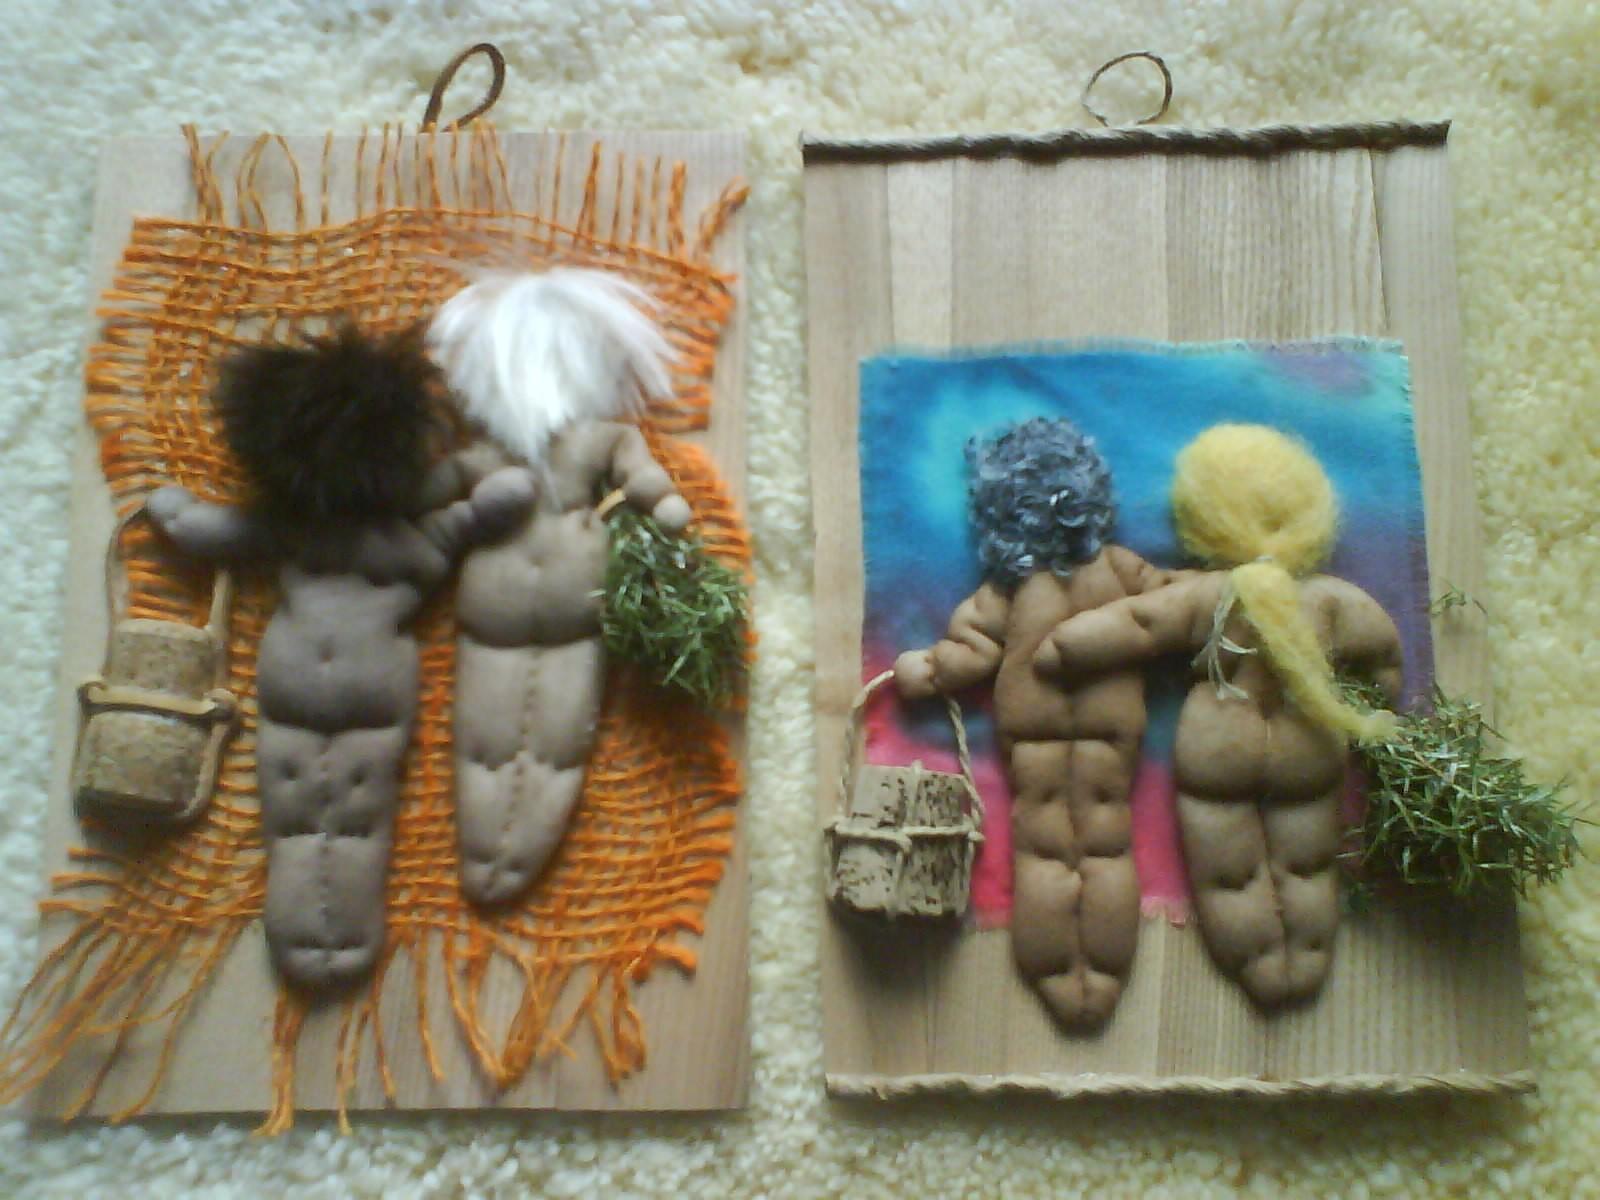 Käsityö, koristeet ovelle, ommeltu, käsityökauppa netissä, viro, käsityö, nude dolls, alaston nuket